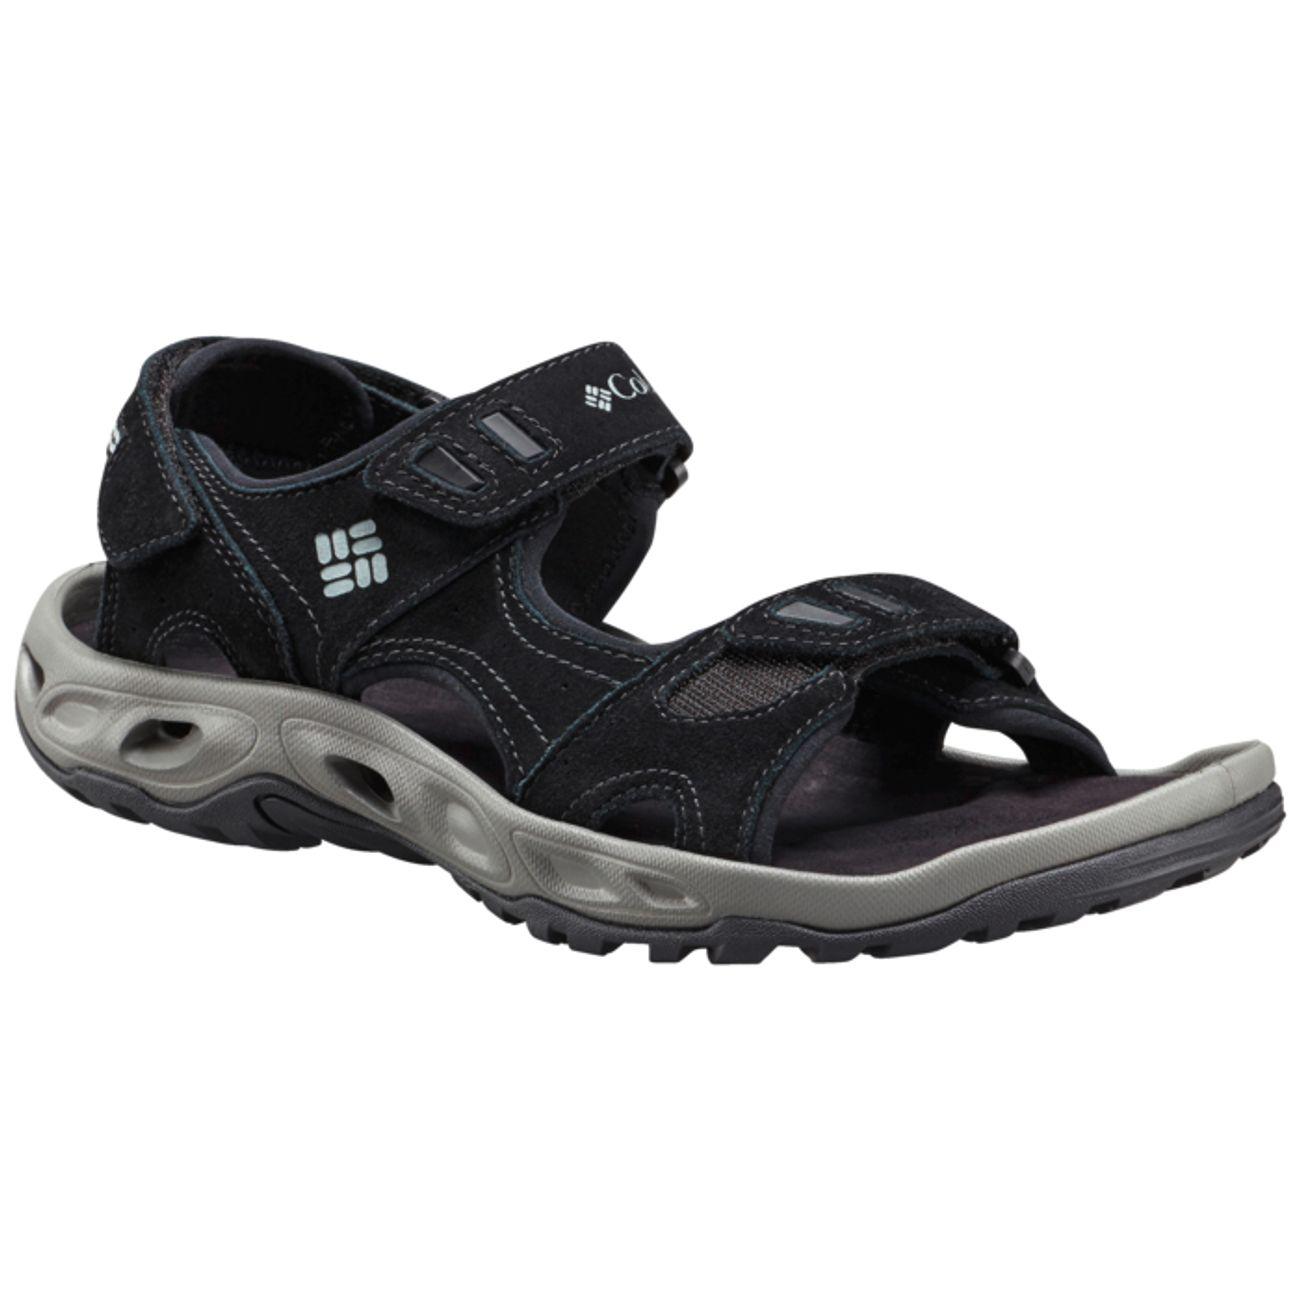 Sandale de randonnée Columbia Ventmeinster pour Homme